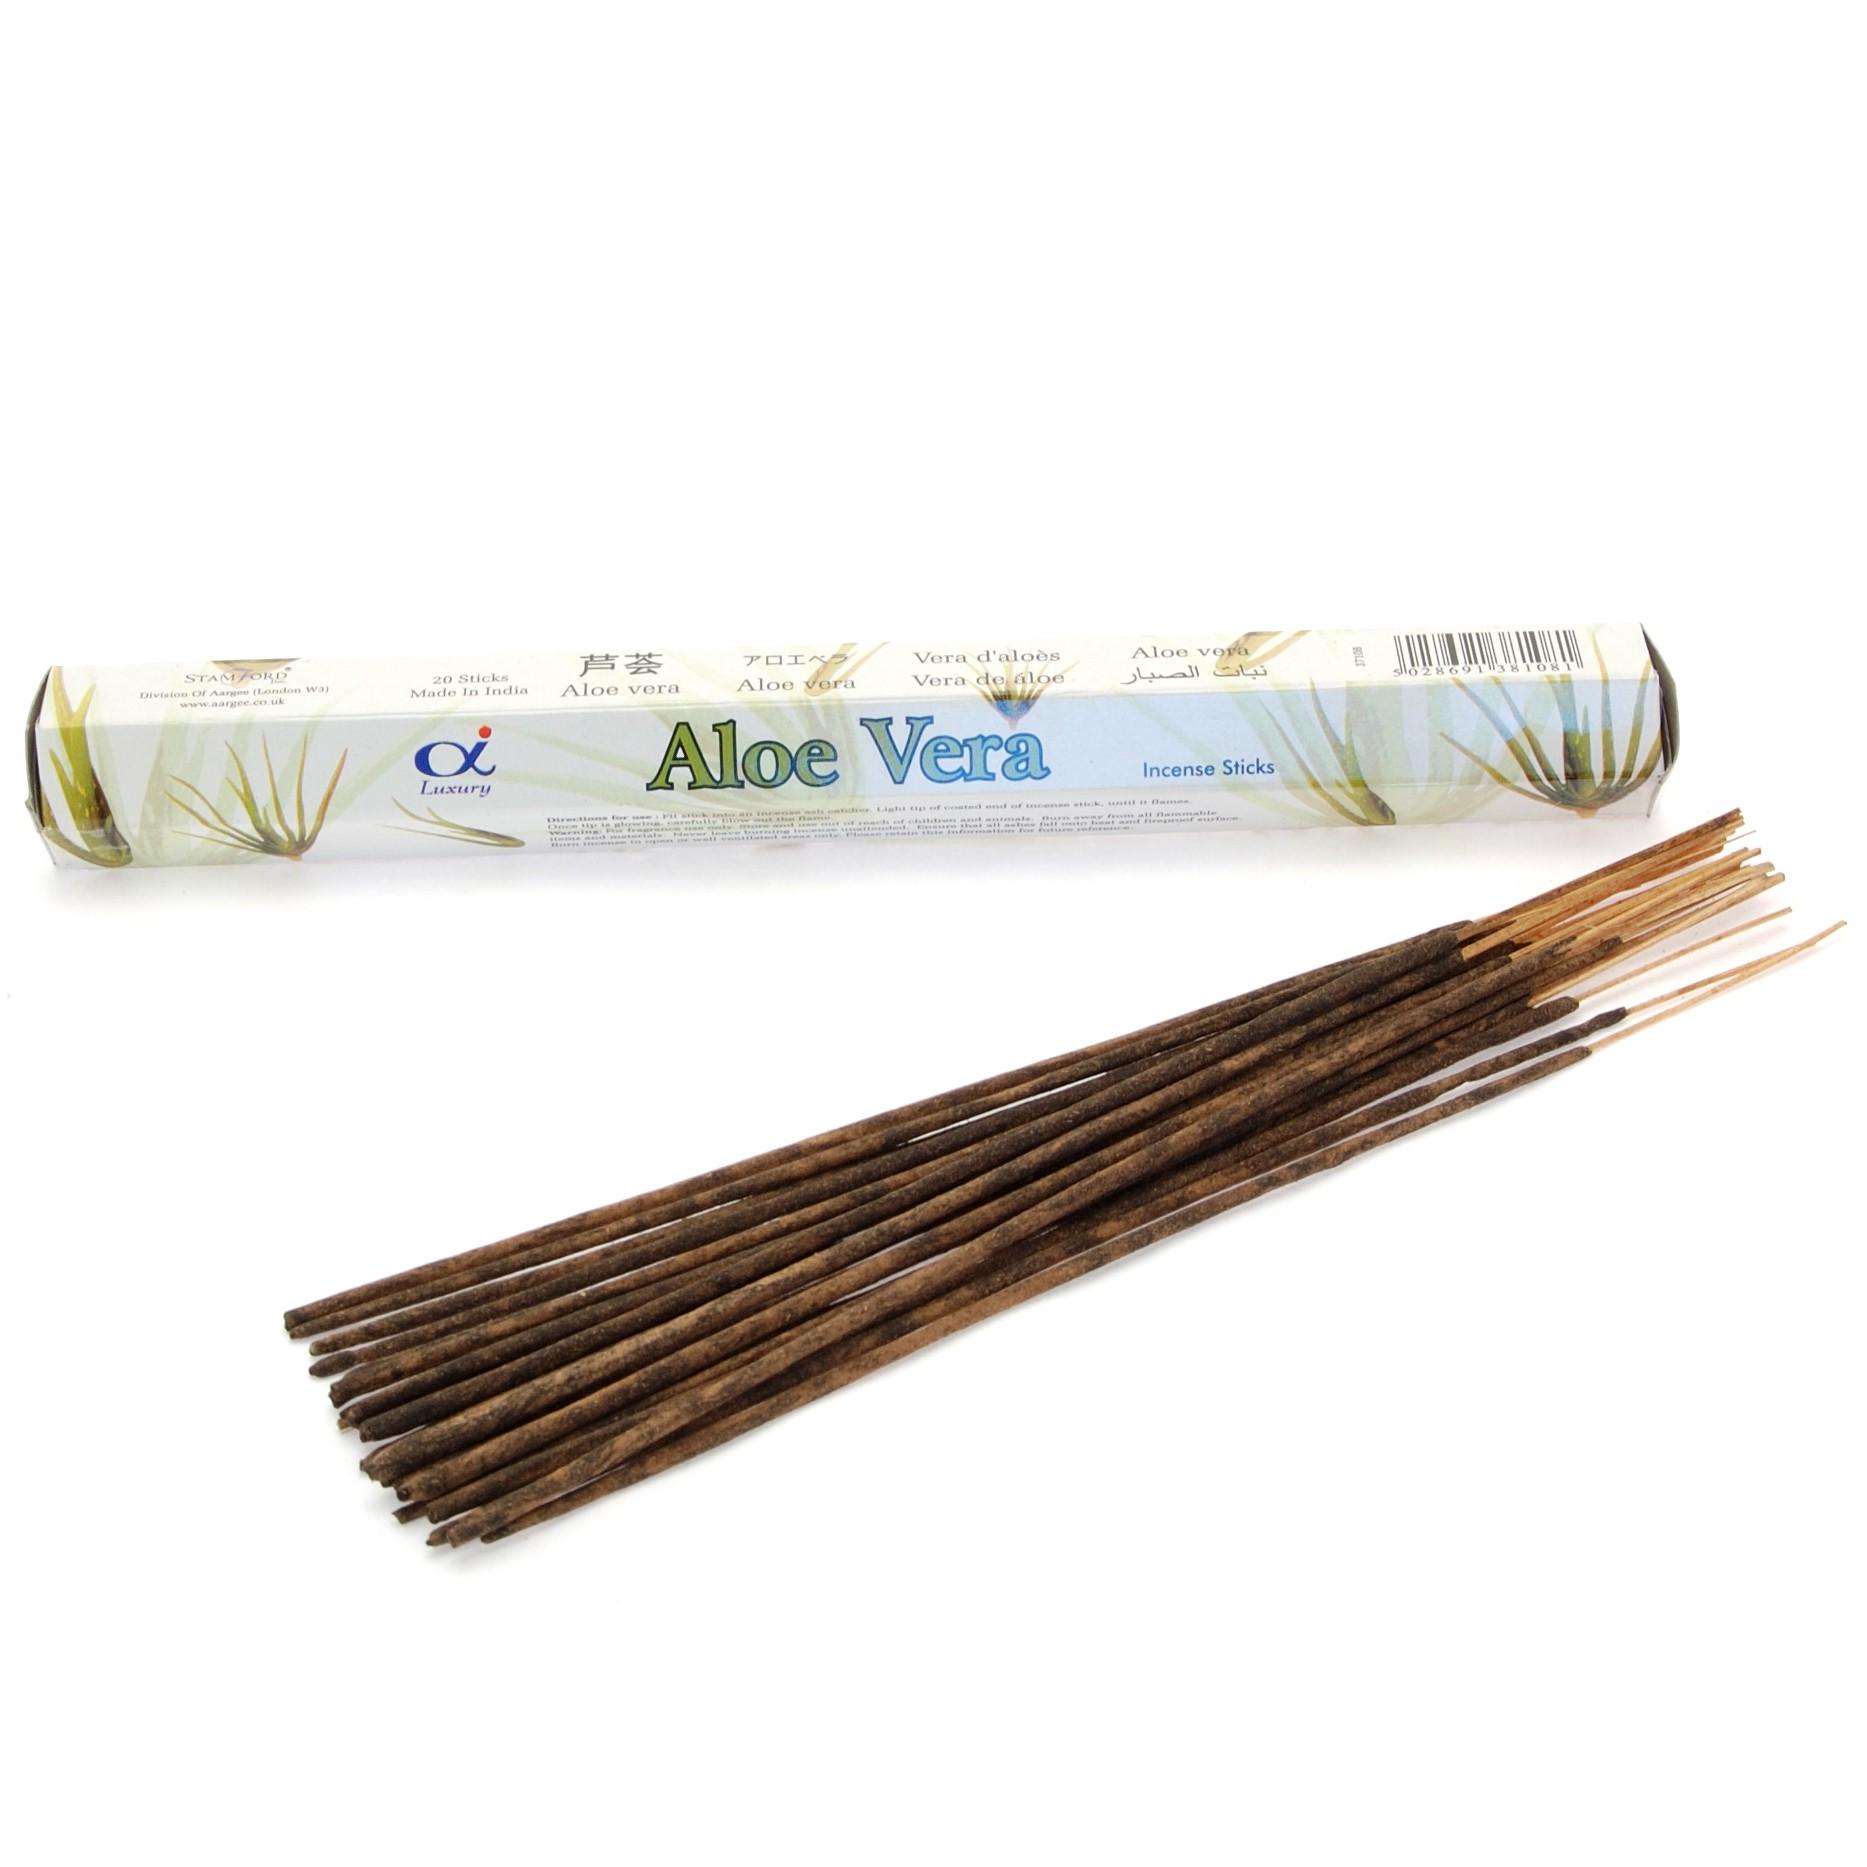 Aloe Vera Premium Incense